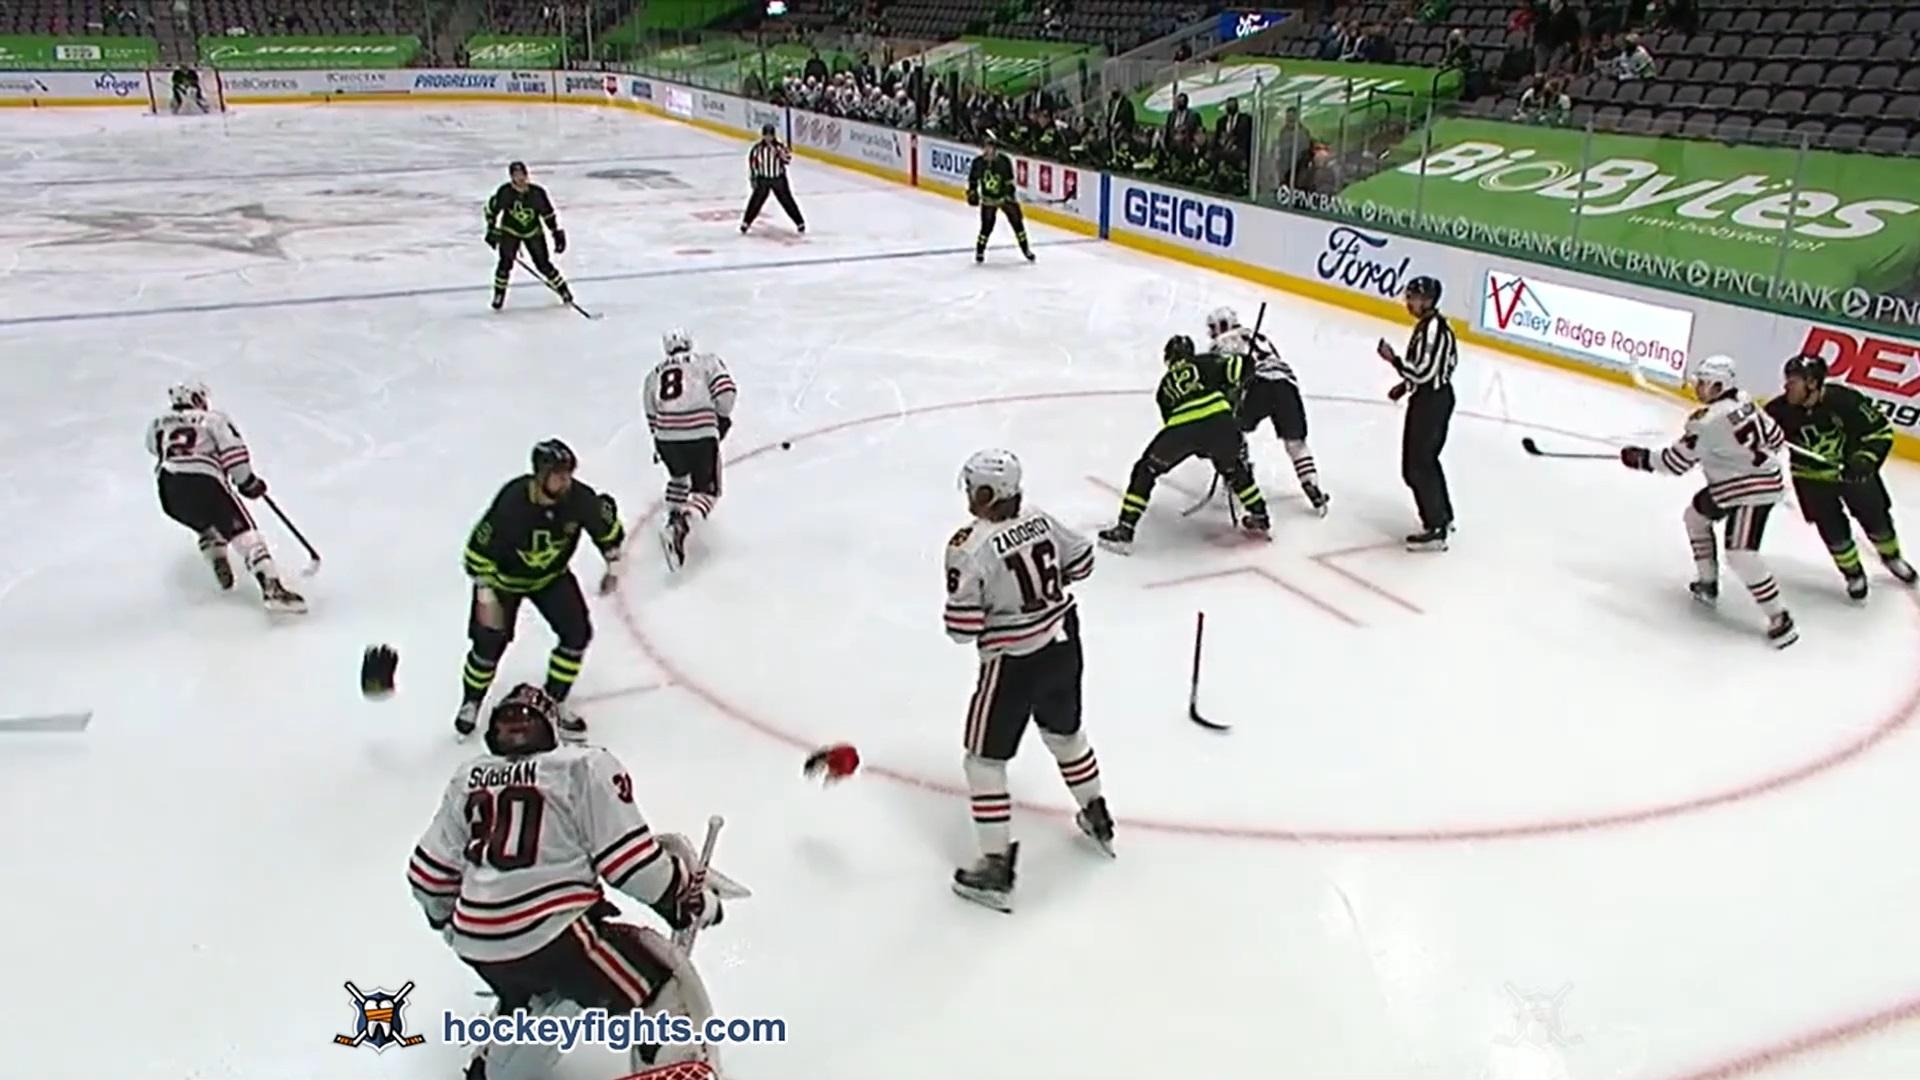 Jamie Benn vs. Nikita Zadorov